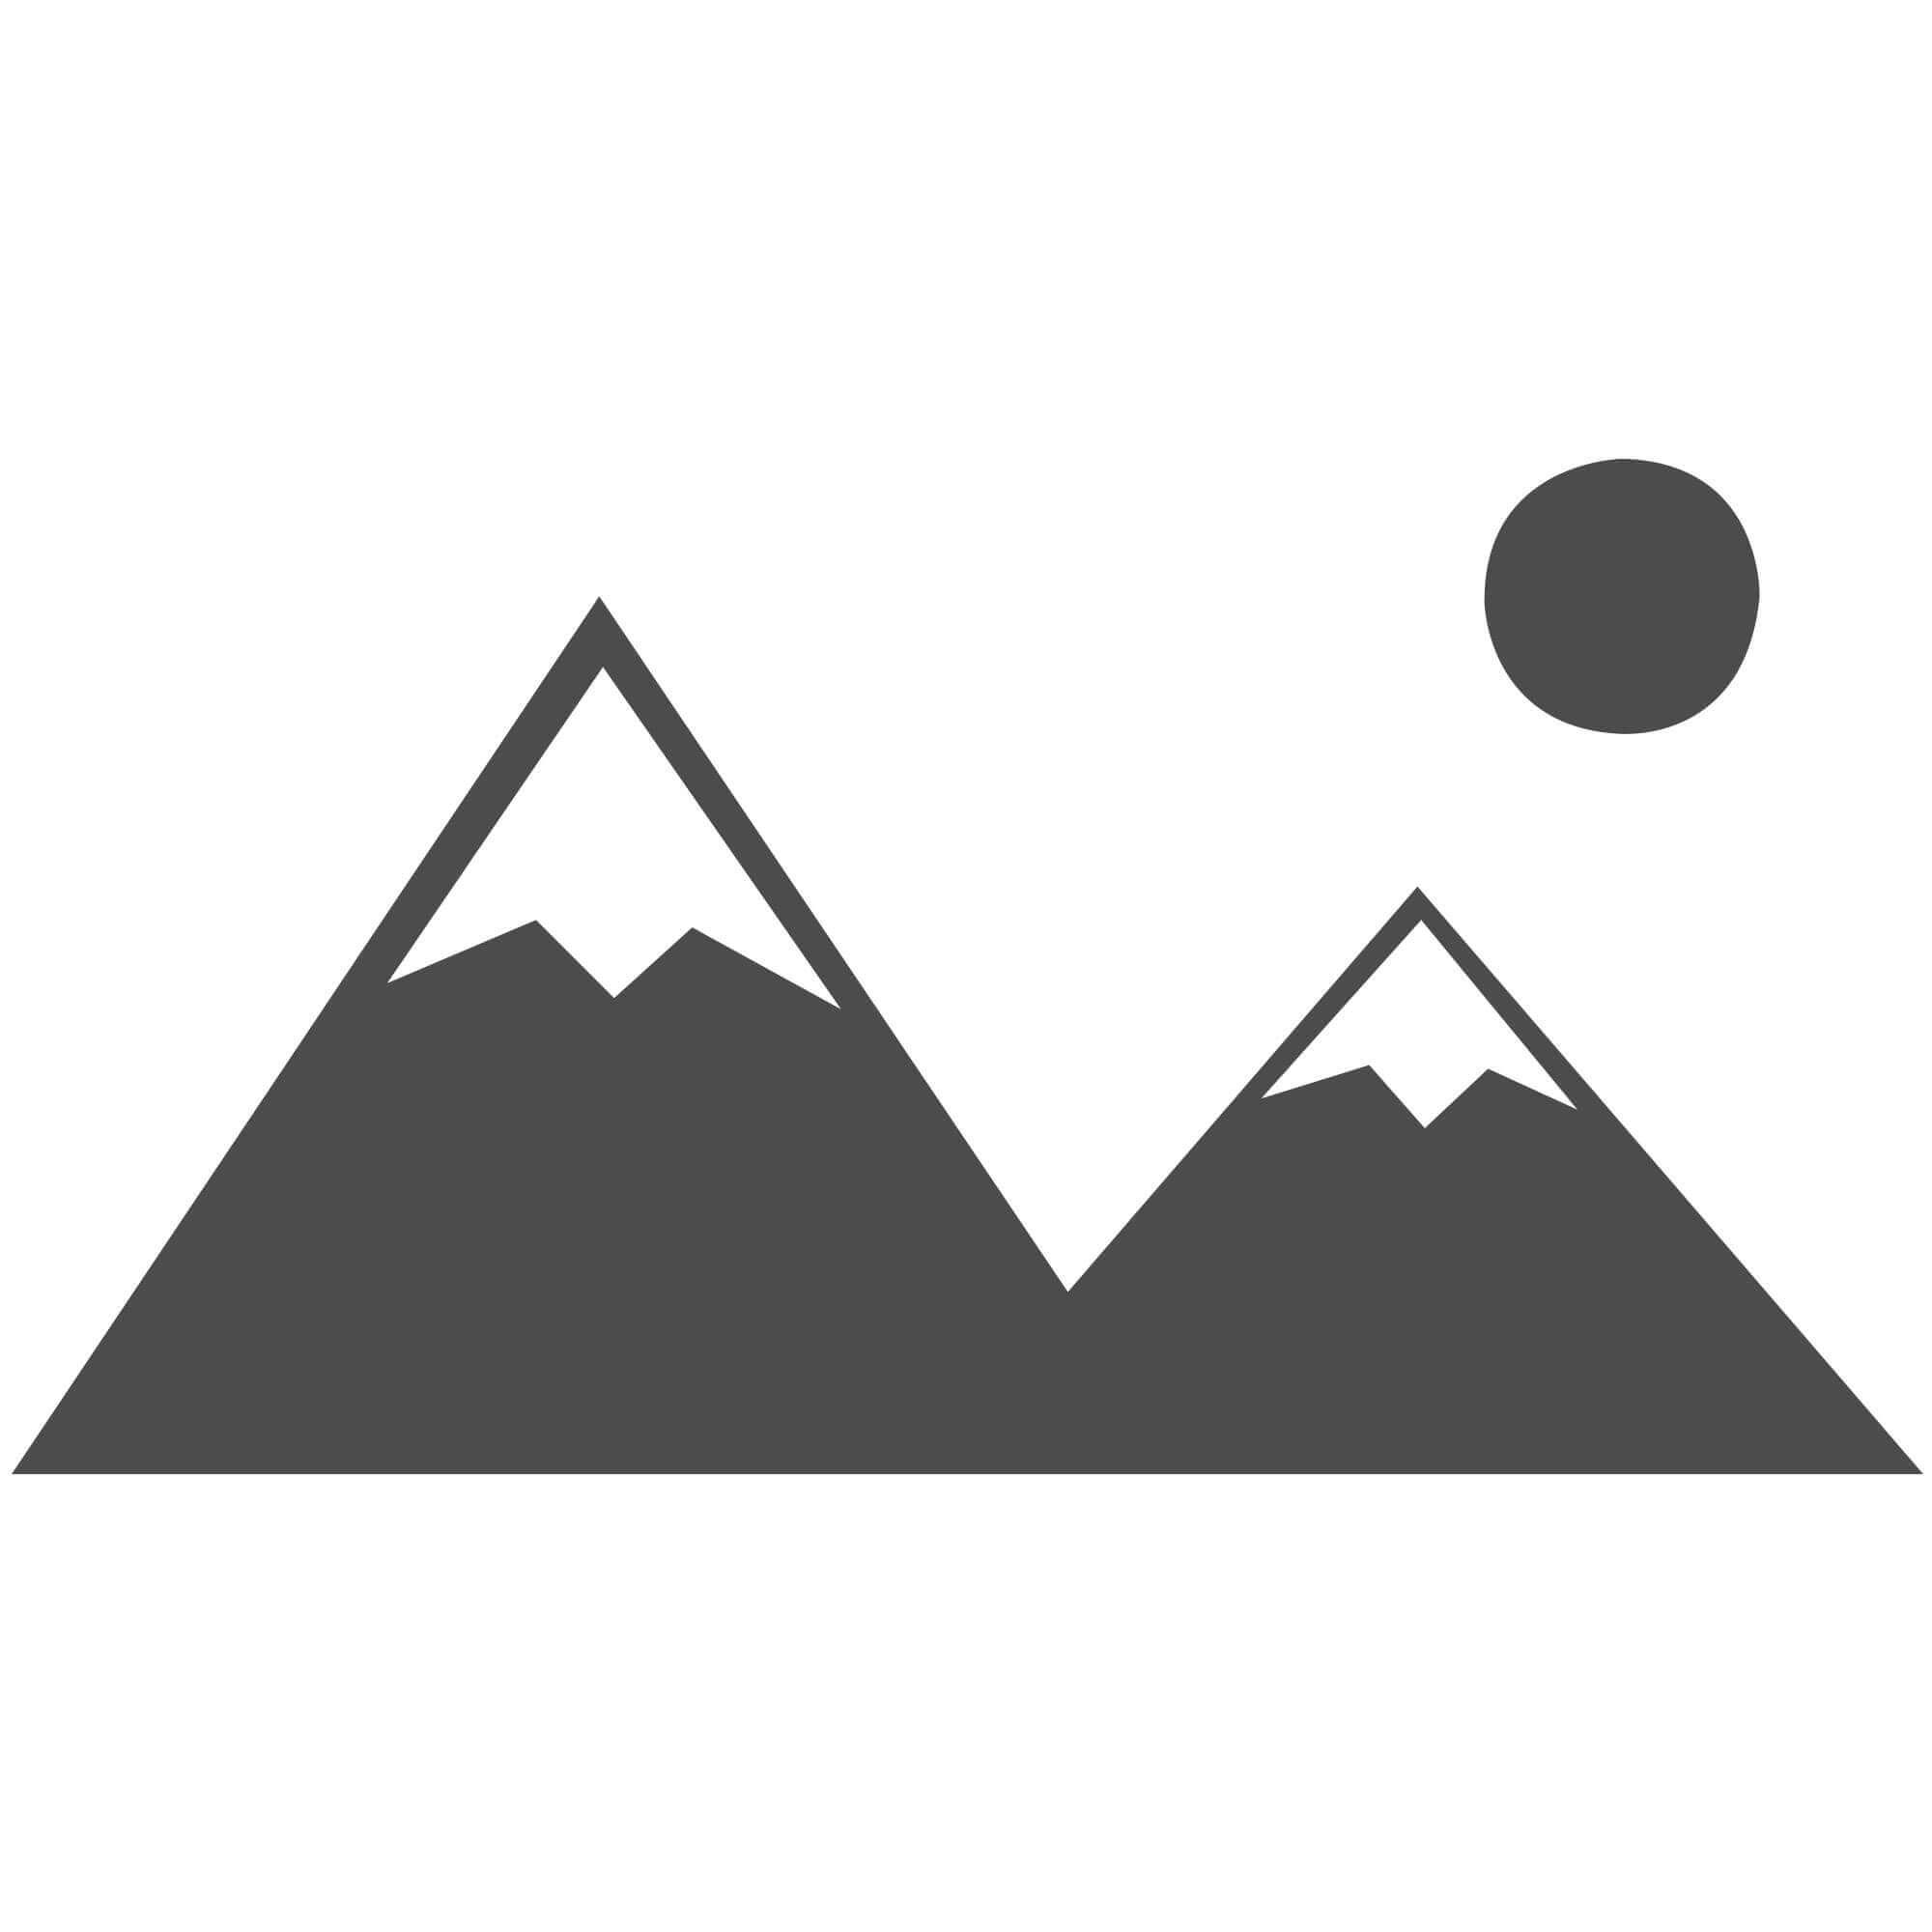 """Galleria Rug - Squares 79244 4848 - Size 80 x 150 cm (2'8"""" x 5')"""